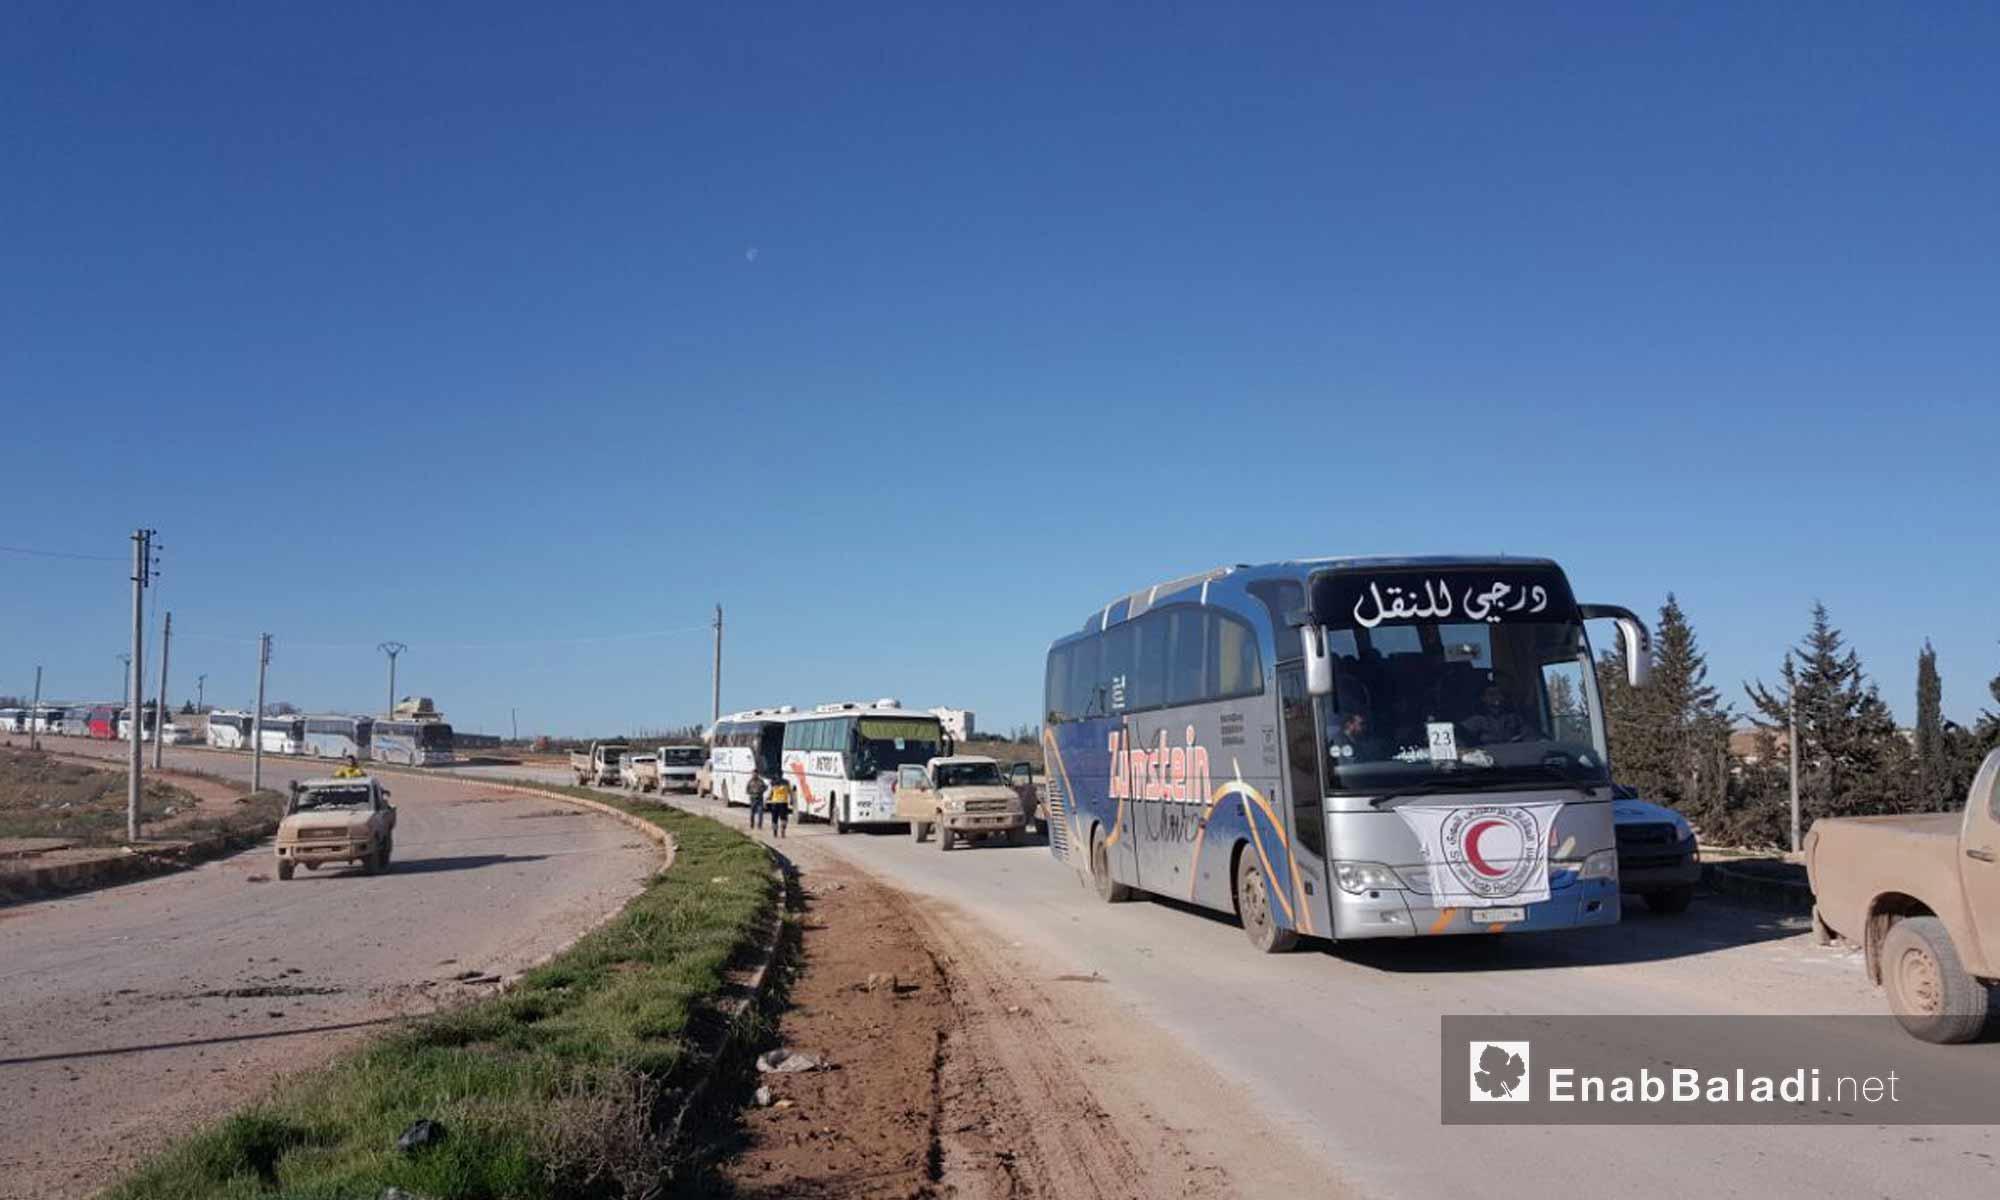 وصول الحافلات التي تقل أهالي حي الوعر إلى ريف حلب الشمالي - 10 آذار 2017 - (عنب بلدي)